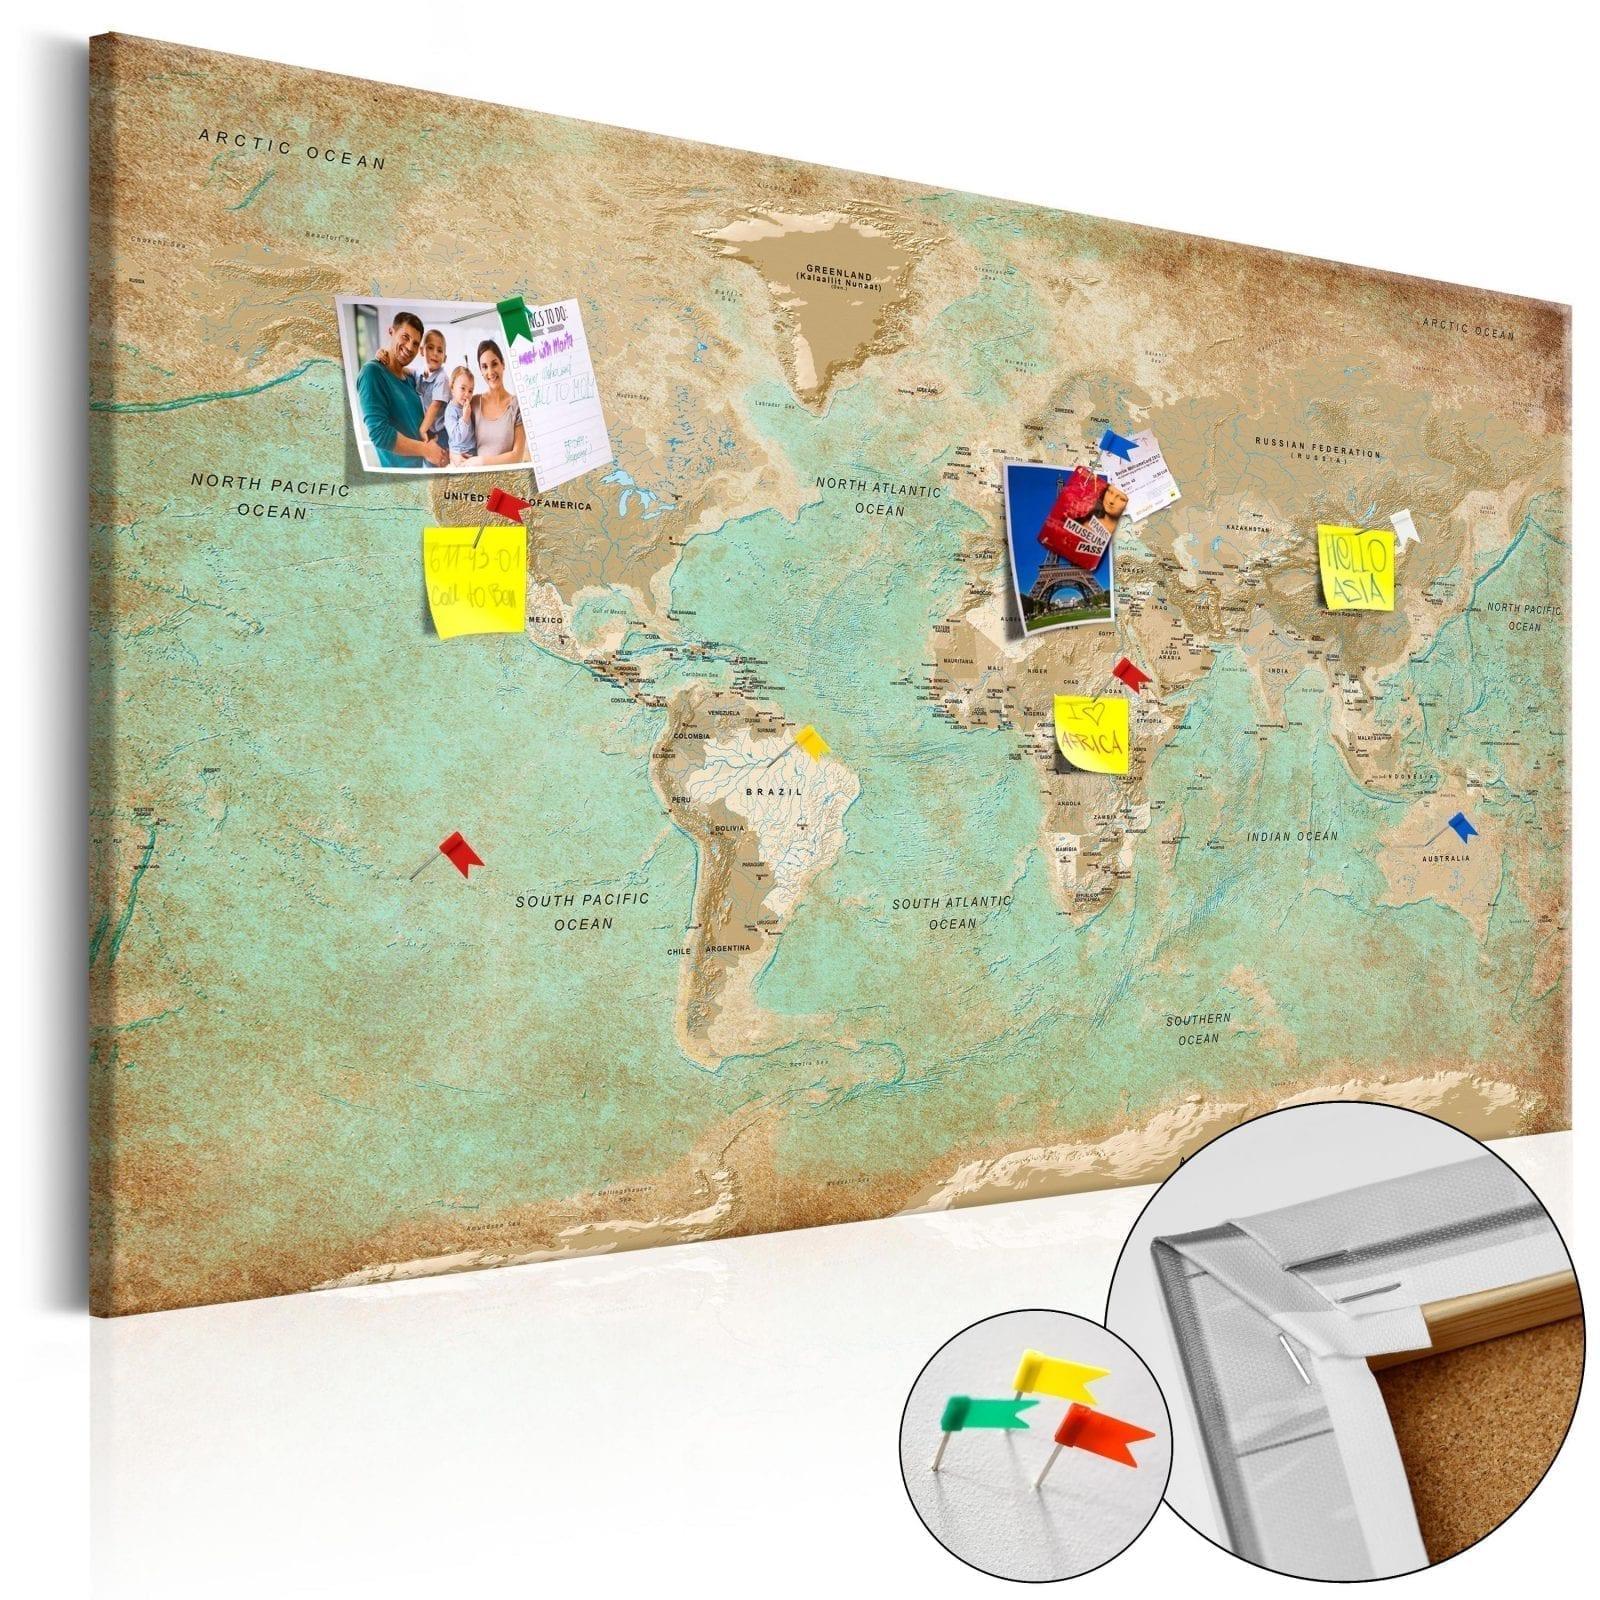 Tablero de corcho - El viaje de verdeceladón 1   Potspintura.com